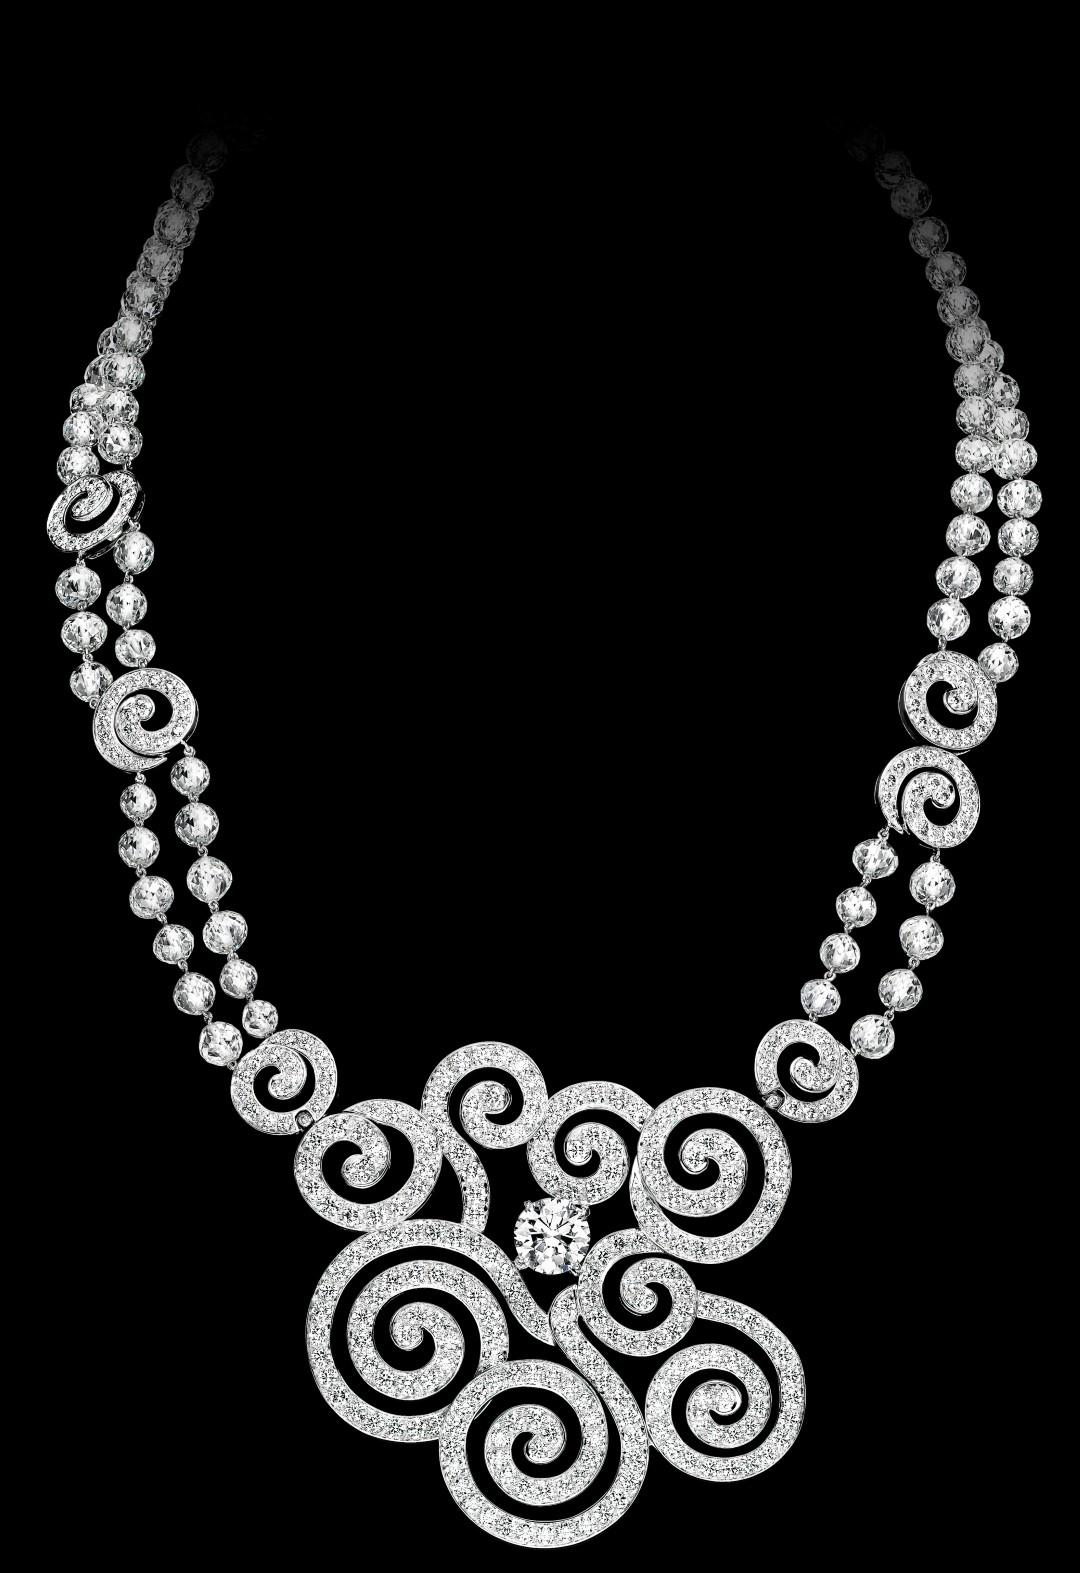 Un autre magnifique collier de diamants, à colorier